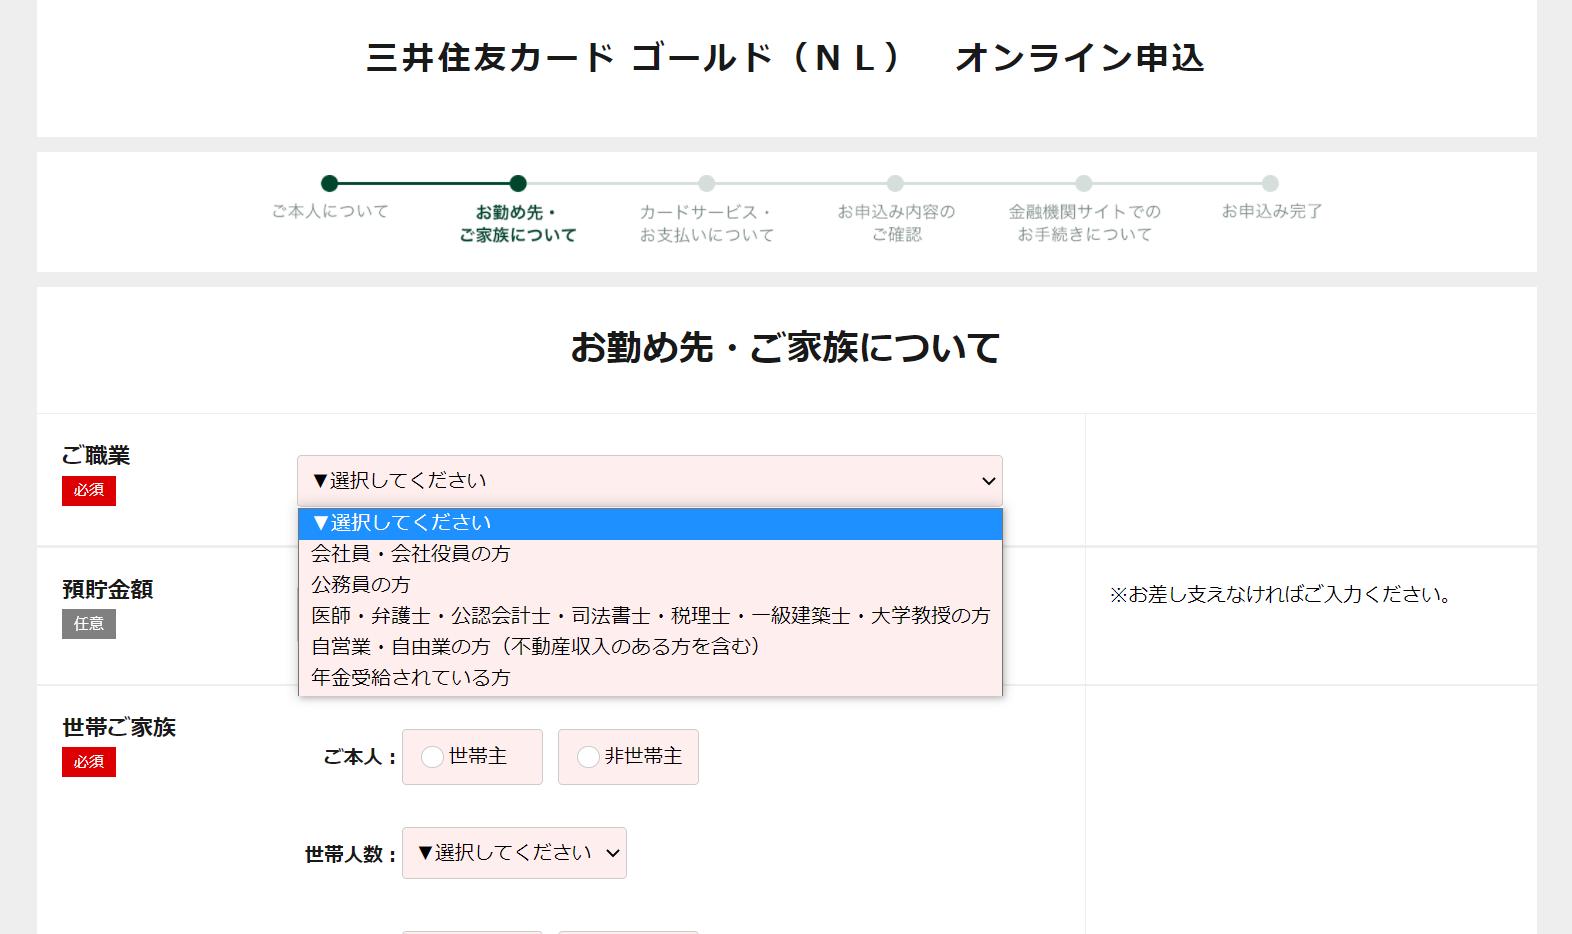 三井住友カードゴールド(NL)の申し込み画面